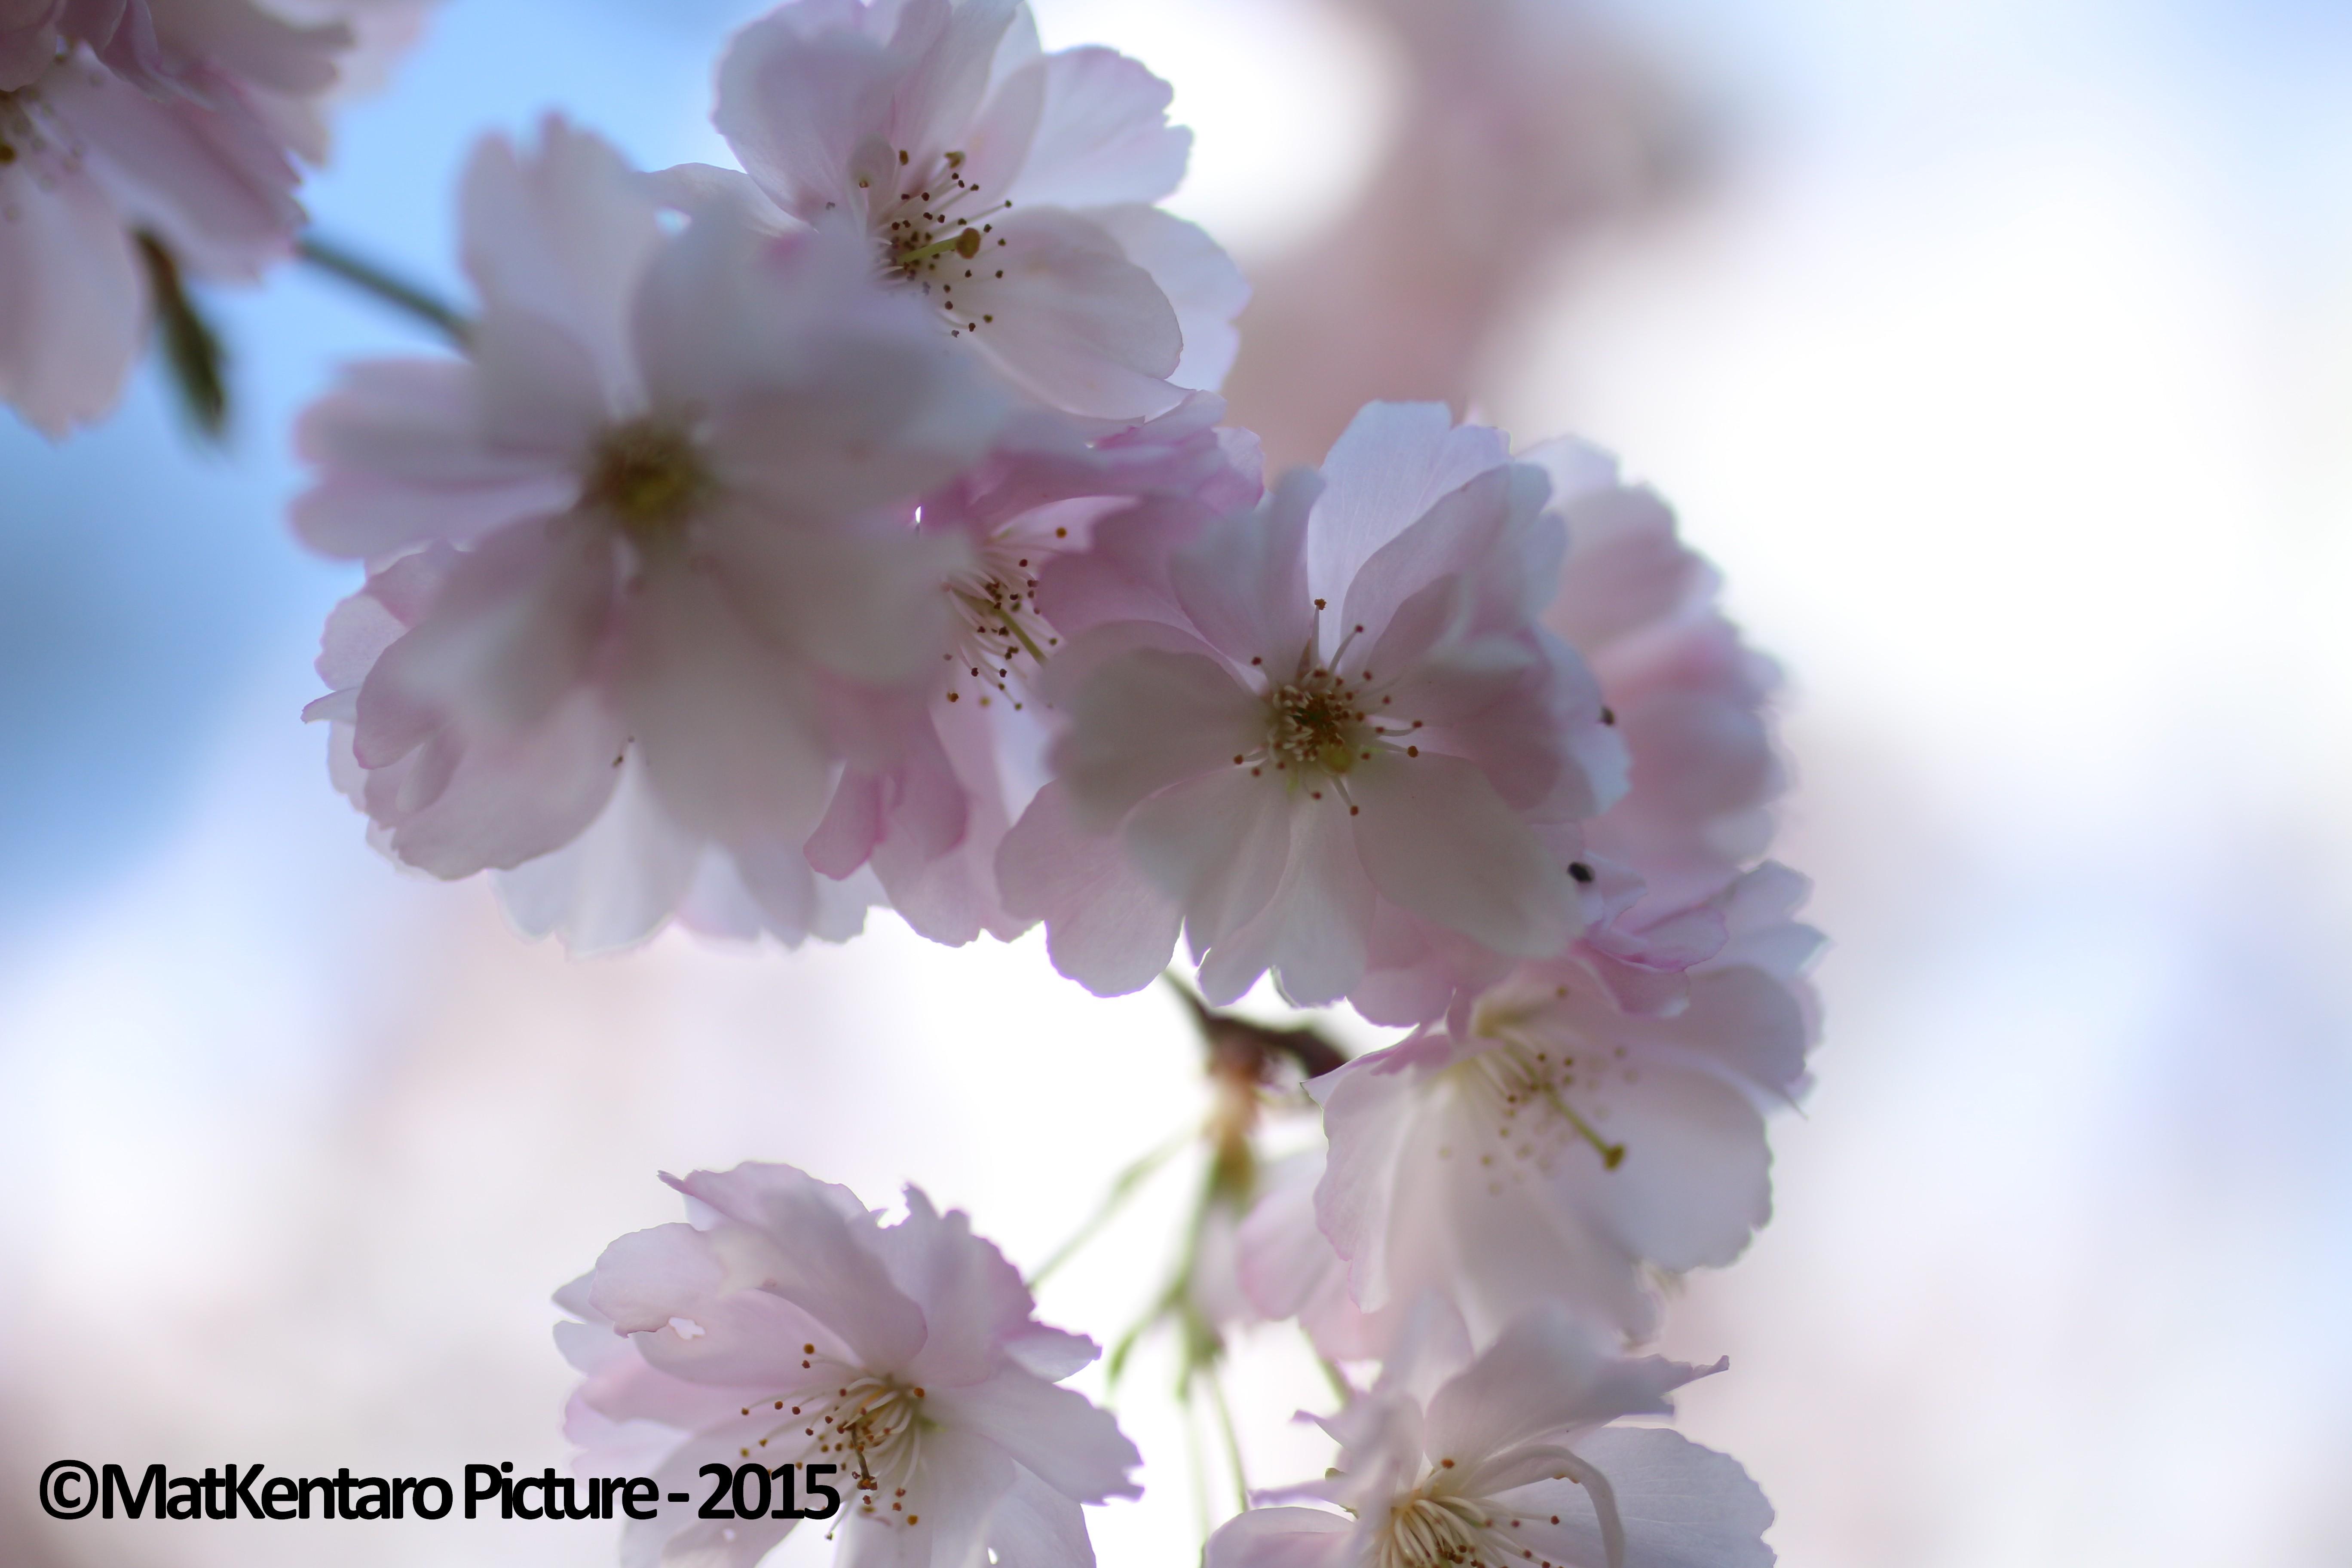 Prunus Européen - photo personnelle prise début avril 2015